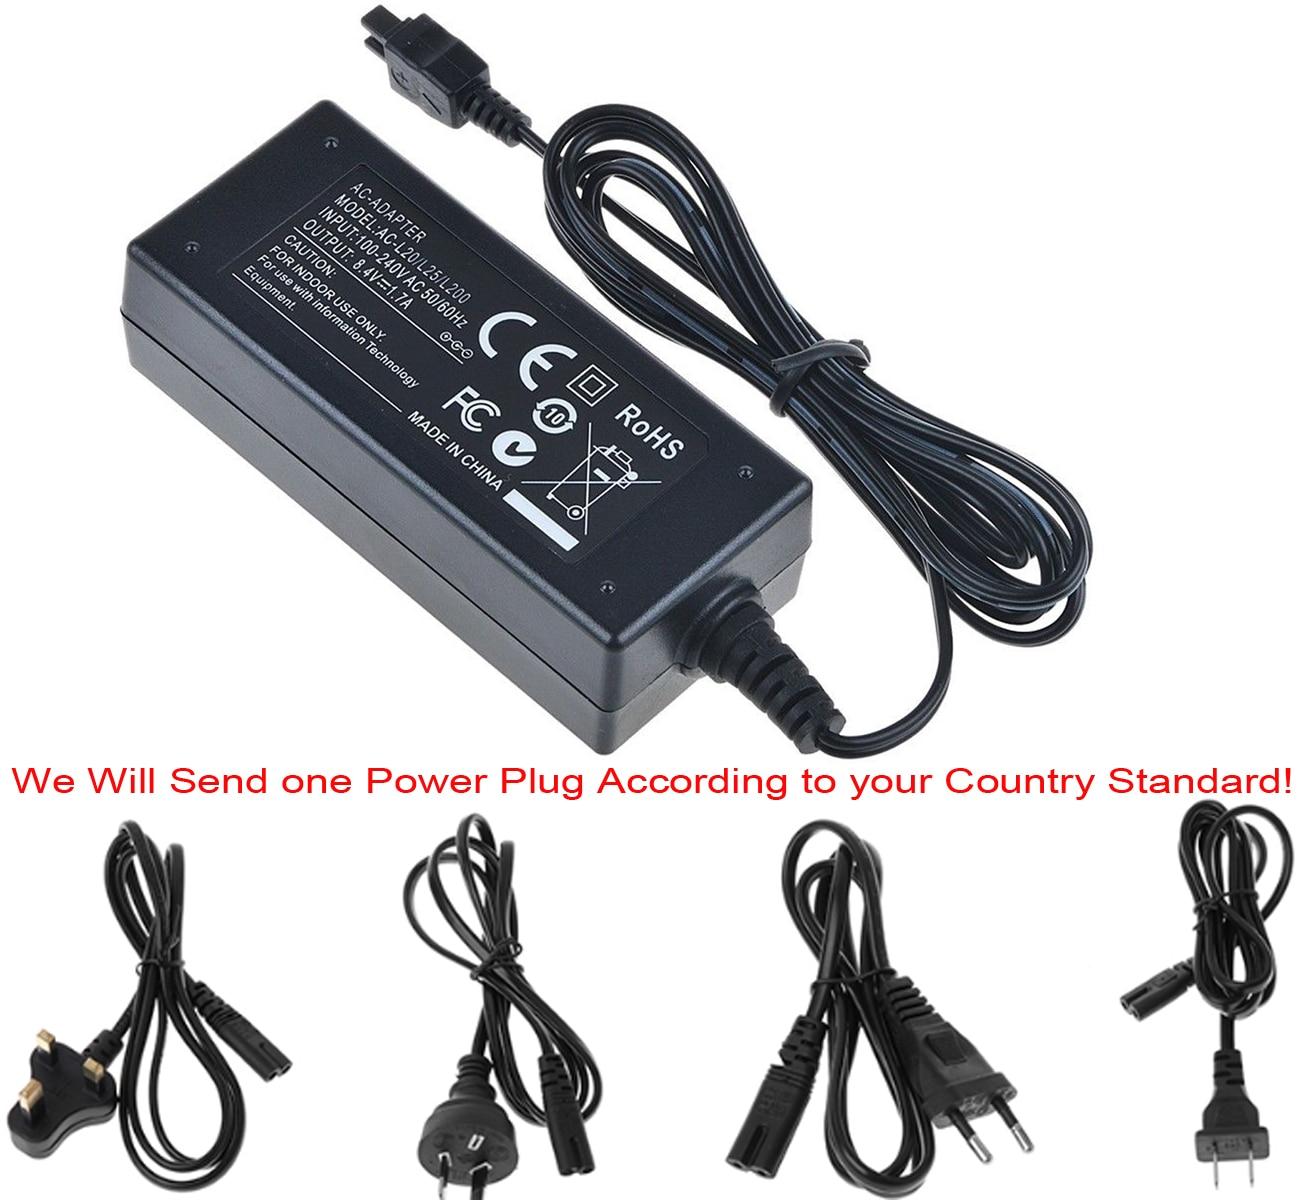 Chargeur adaptateur secteur pour Sony HDR-PJ510, HDR-PJ530, HDR-PJ540, HDR-PJ580, HDR-PJ580V, HDR-PJ590V,, caméscope PJ590 Handycam